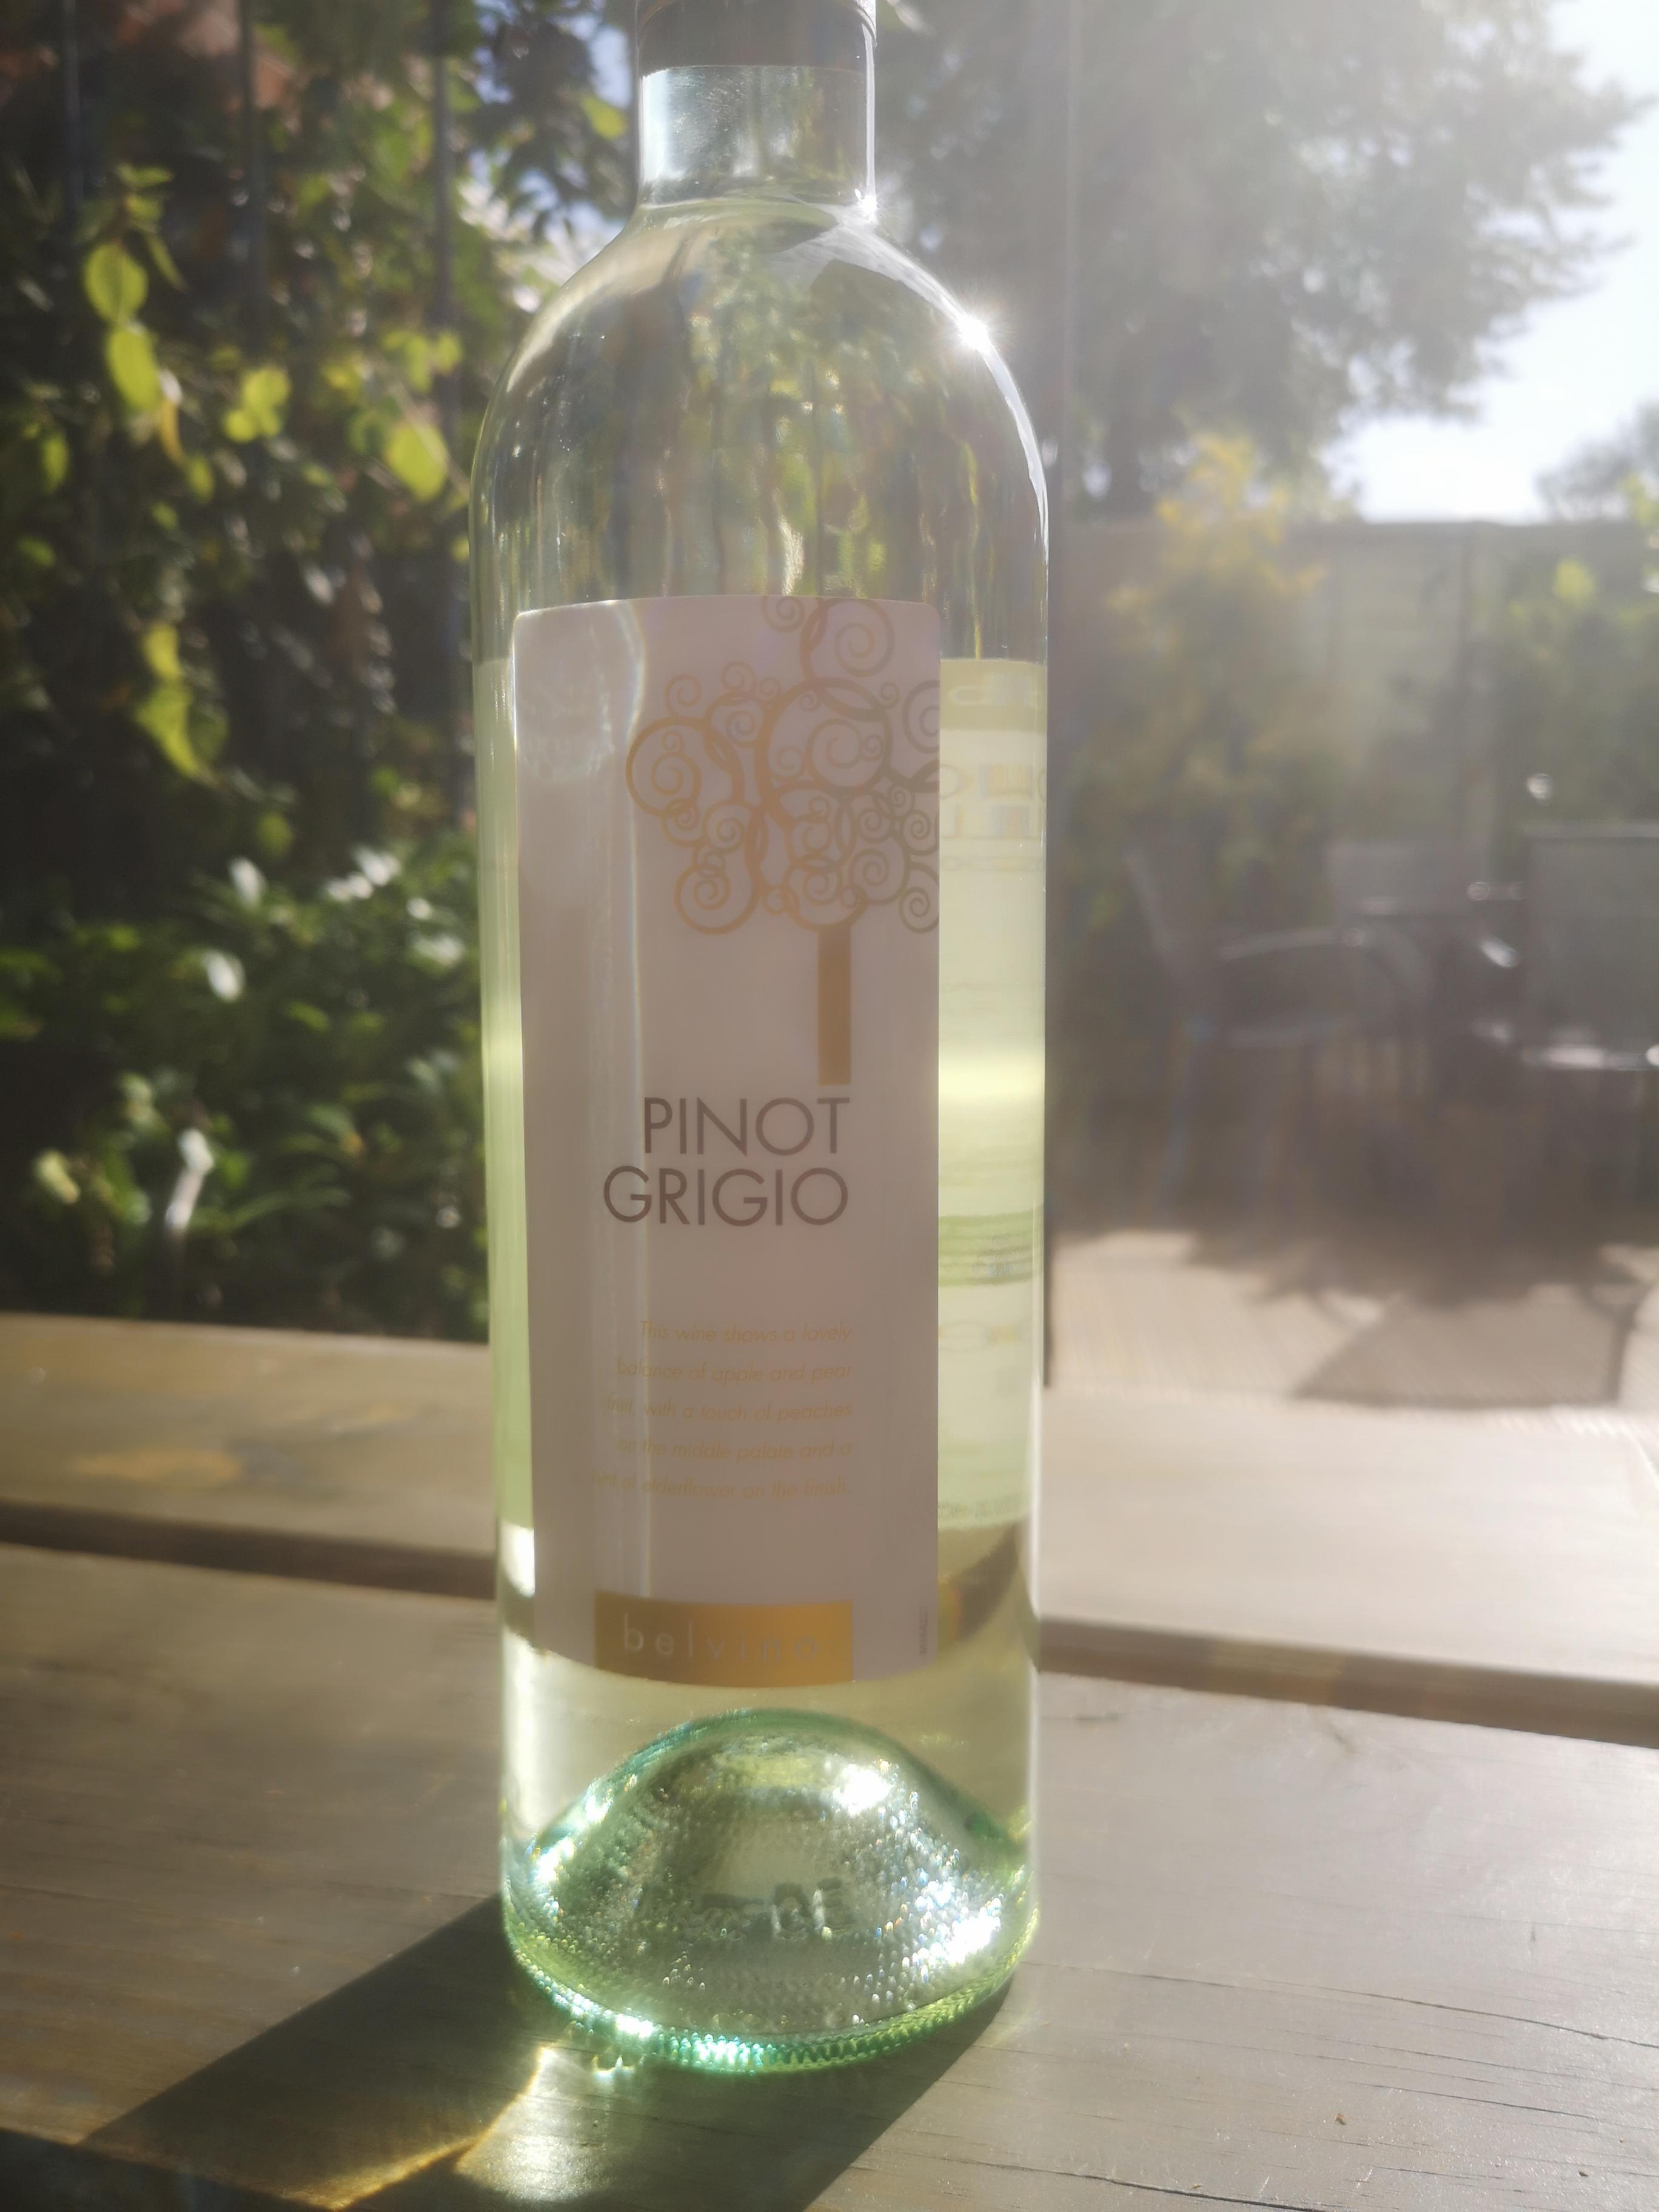 Belvino - Pinot